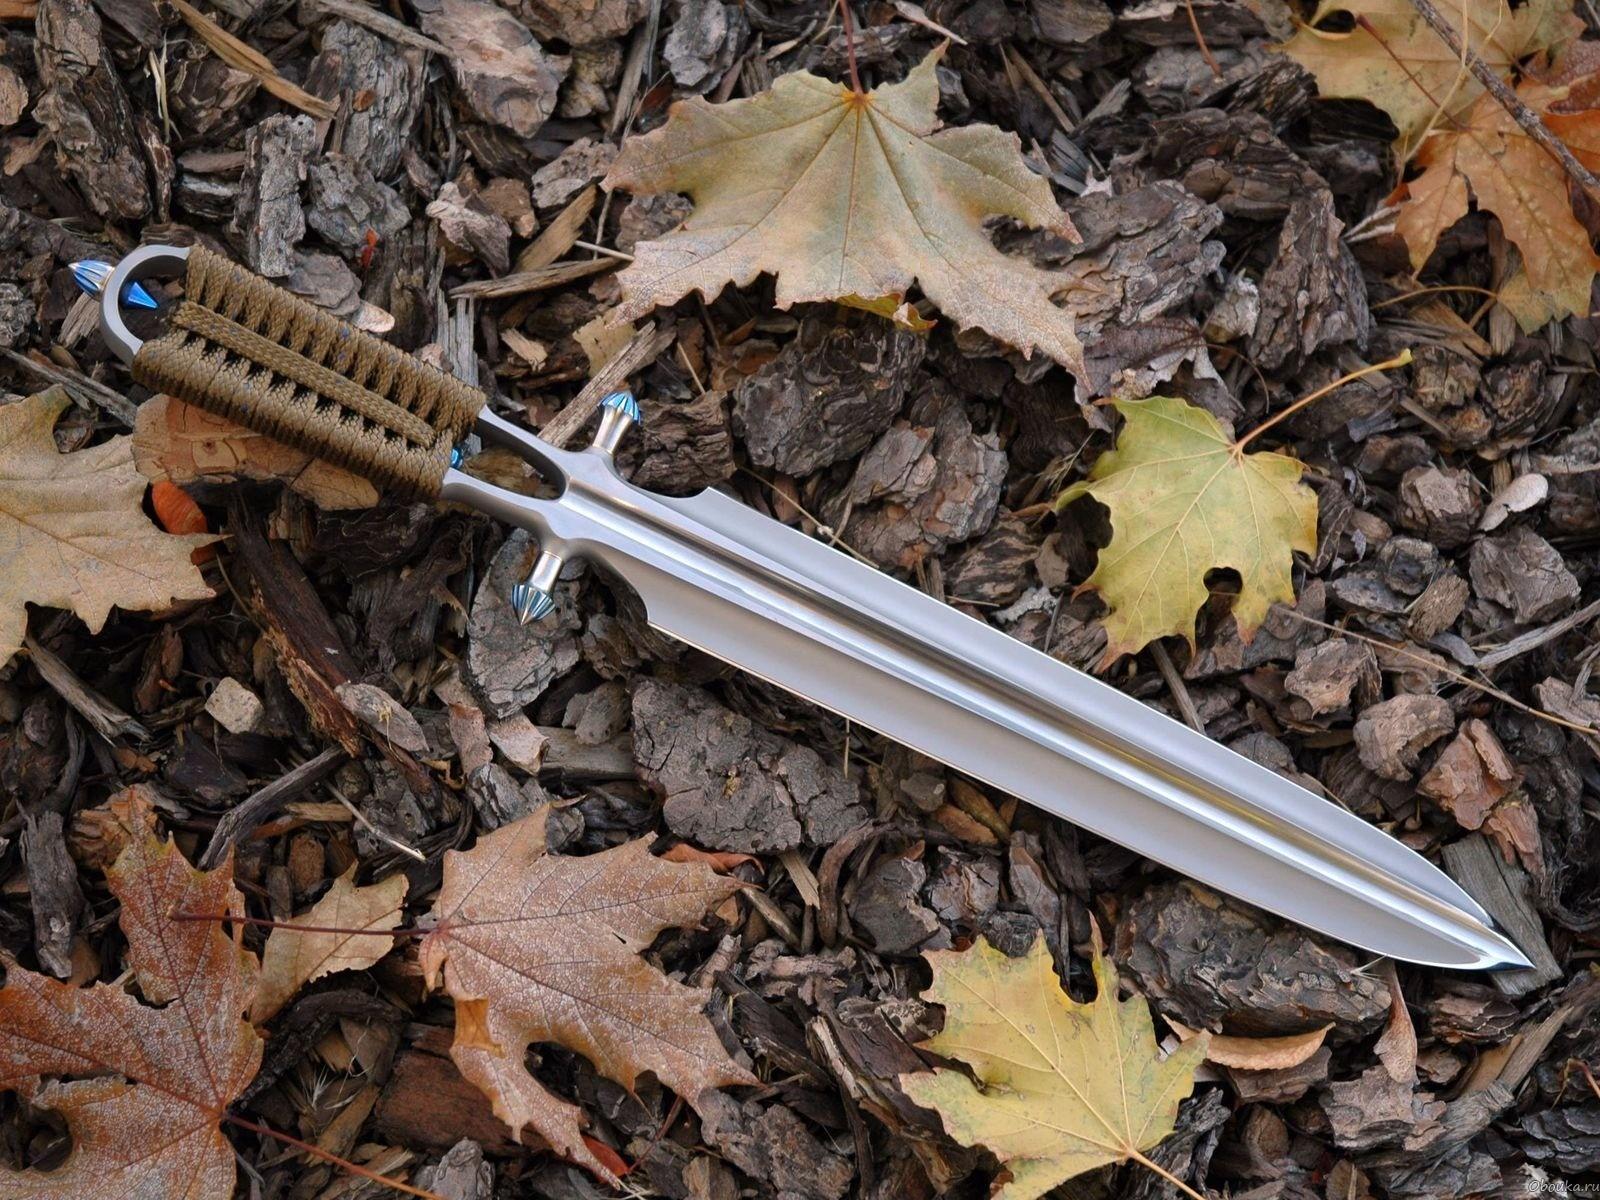 Метательный нож. Клинок такого всегда тяжелее рукояти